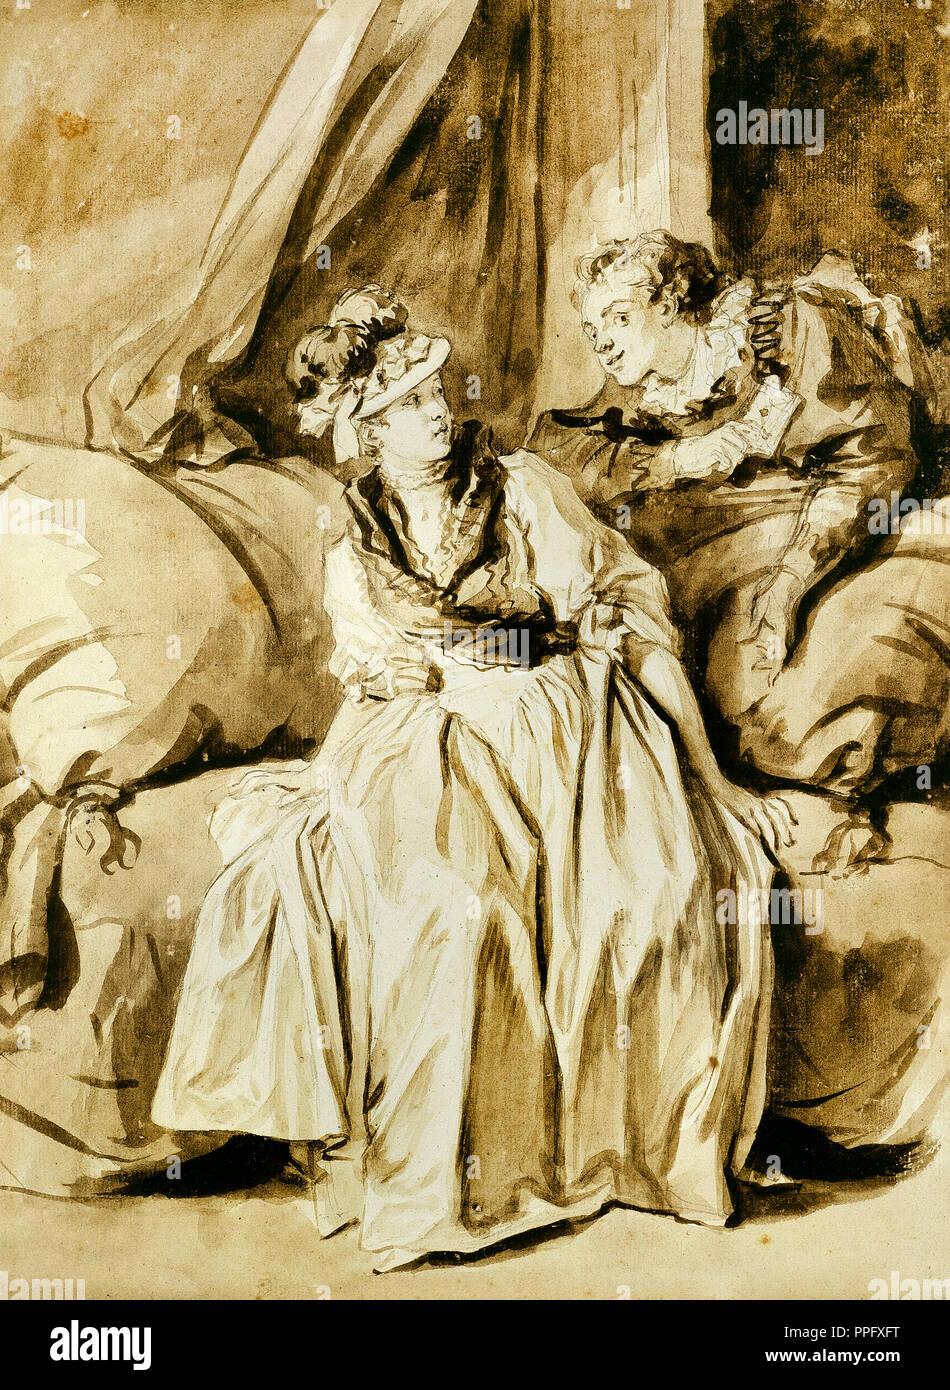 Jean-Honore Fragonard, la lettre ou la Conversation espagnole. Vers 1778. Le dessin et l'Aquarelle. Art Institute of Chicago, USA Photo Stock